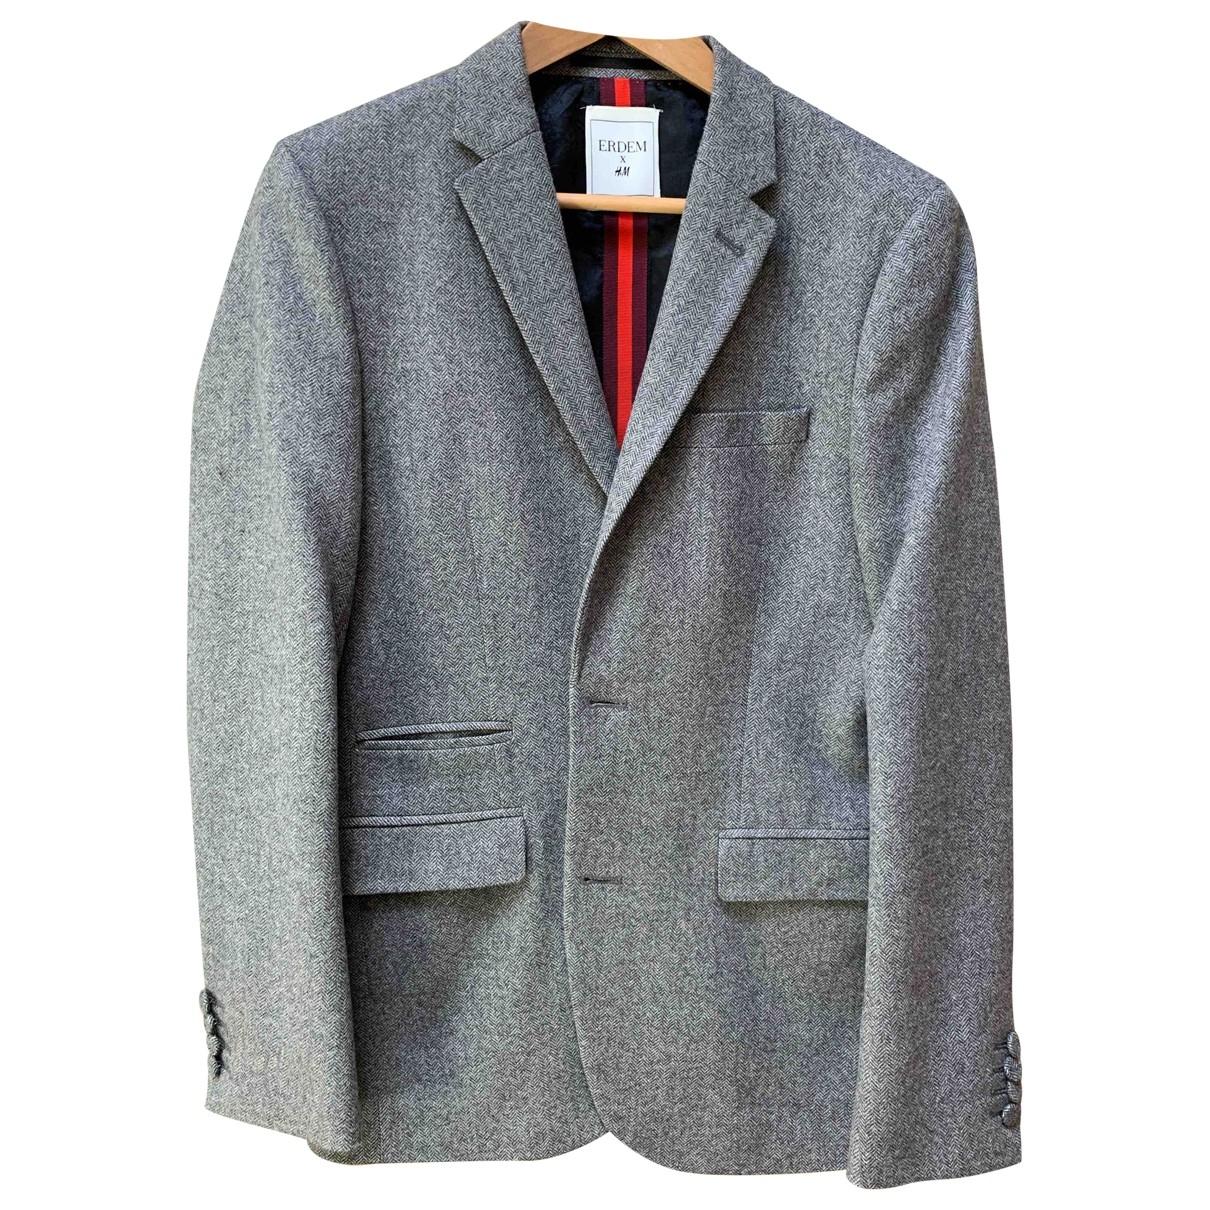 Erdem X H&m - Vestes.Blousons   pour homme en laine - gris